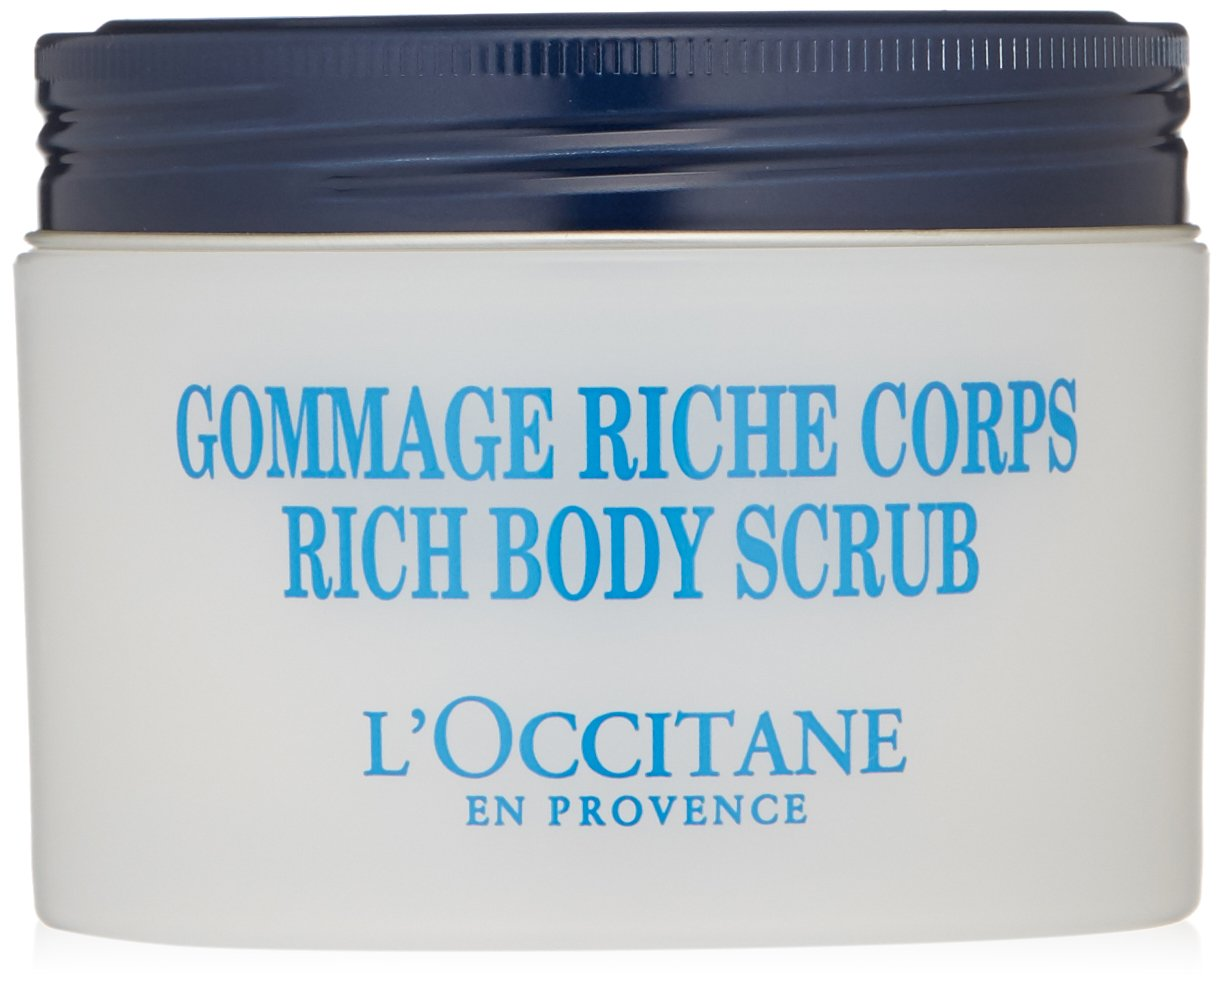 L'Occitane Gentle & Ultra-Rich Body Scrub with 10% Shea Butter, 7 oz.